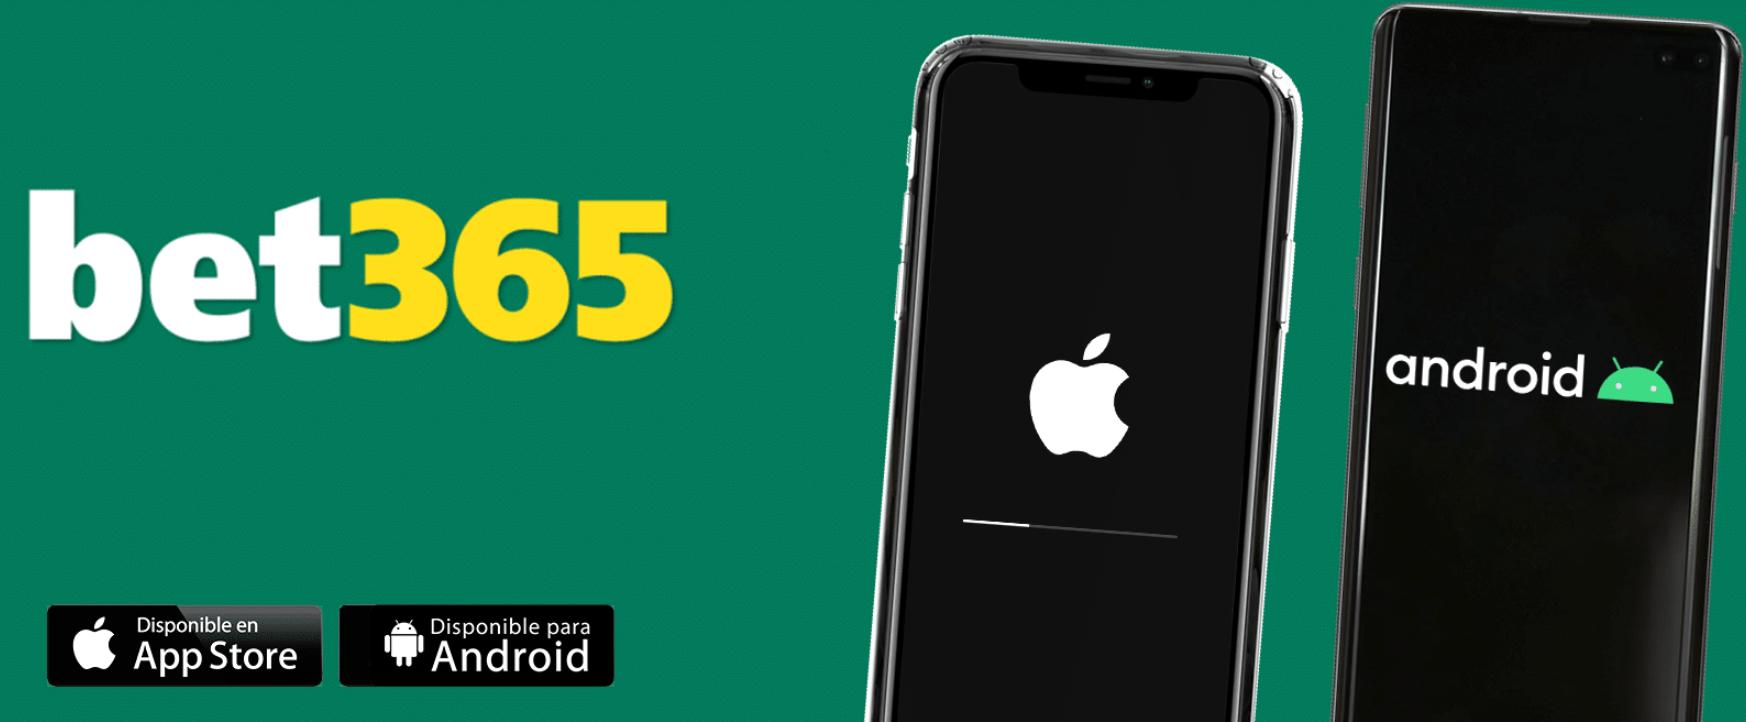 Bet365 app Android descargar